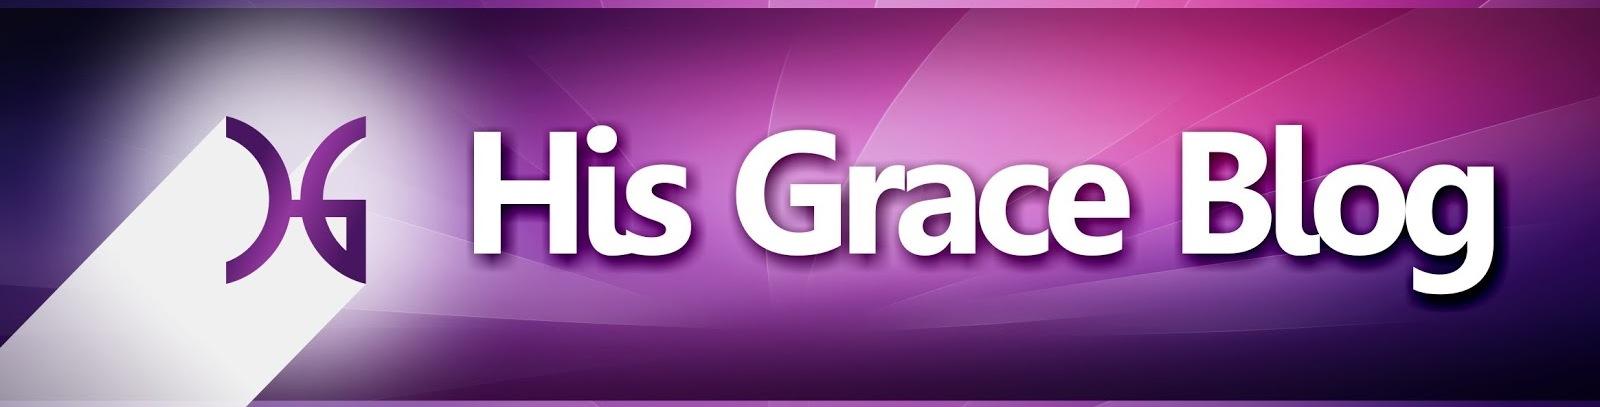 His Grace Blog